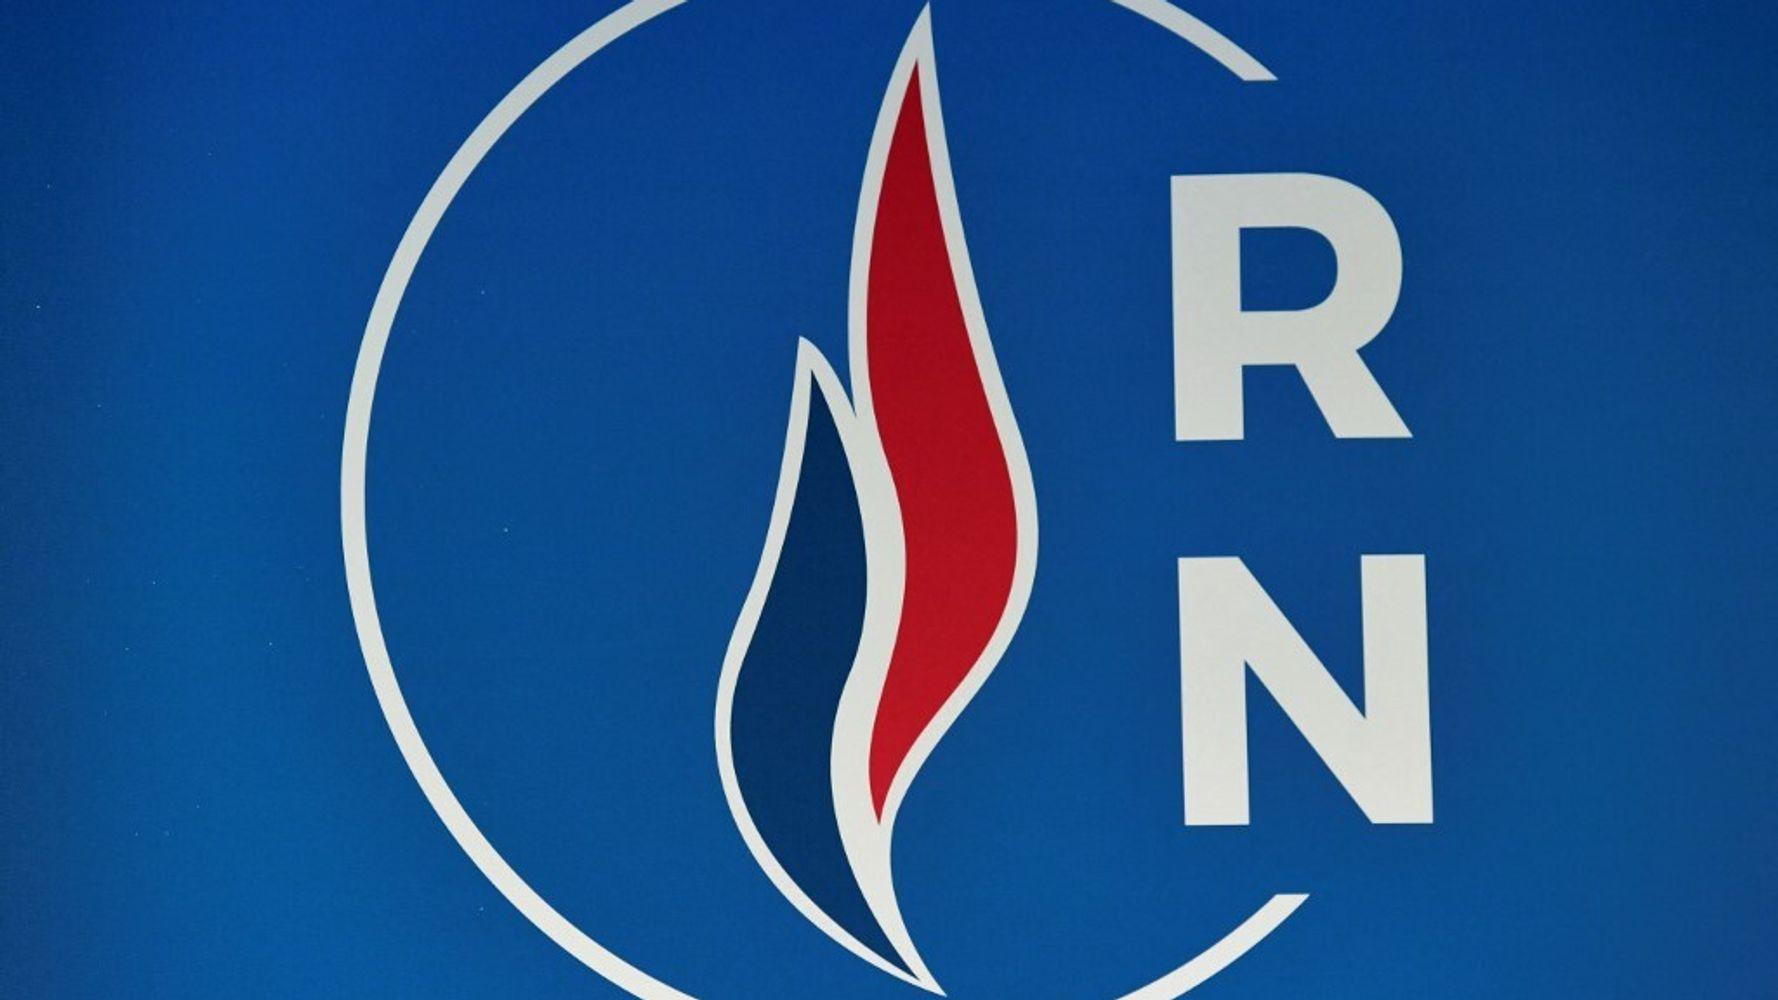 En Corrèze, la candidate RN Danièle Delavaud perd son investiture